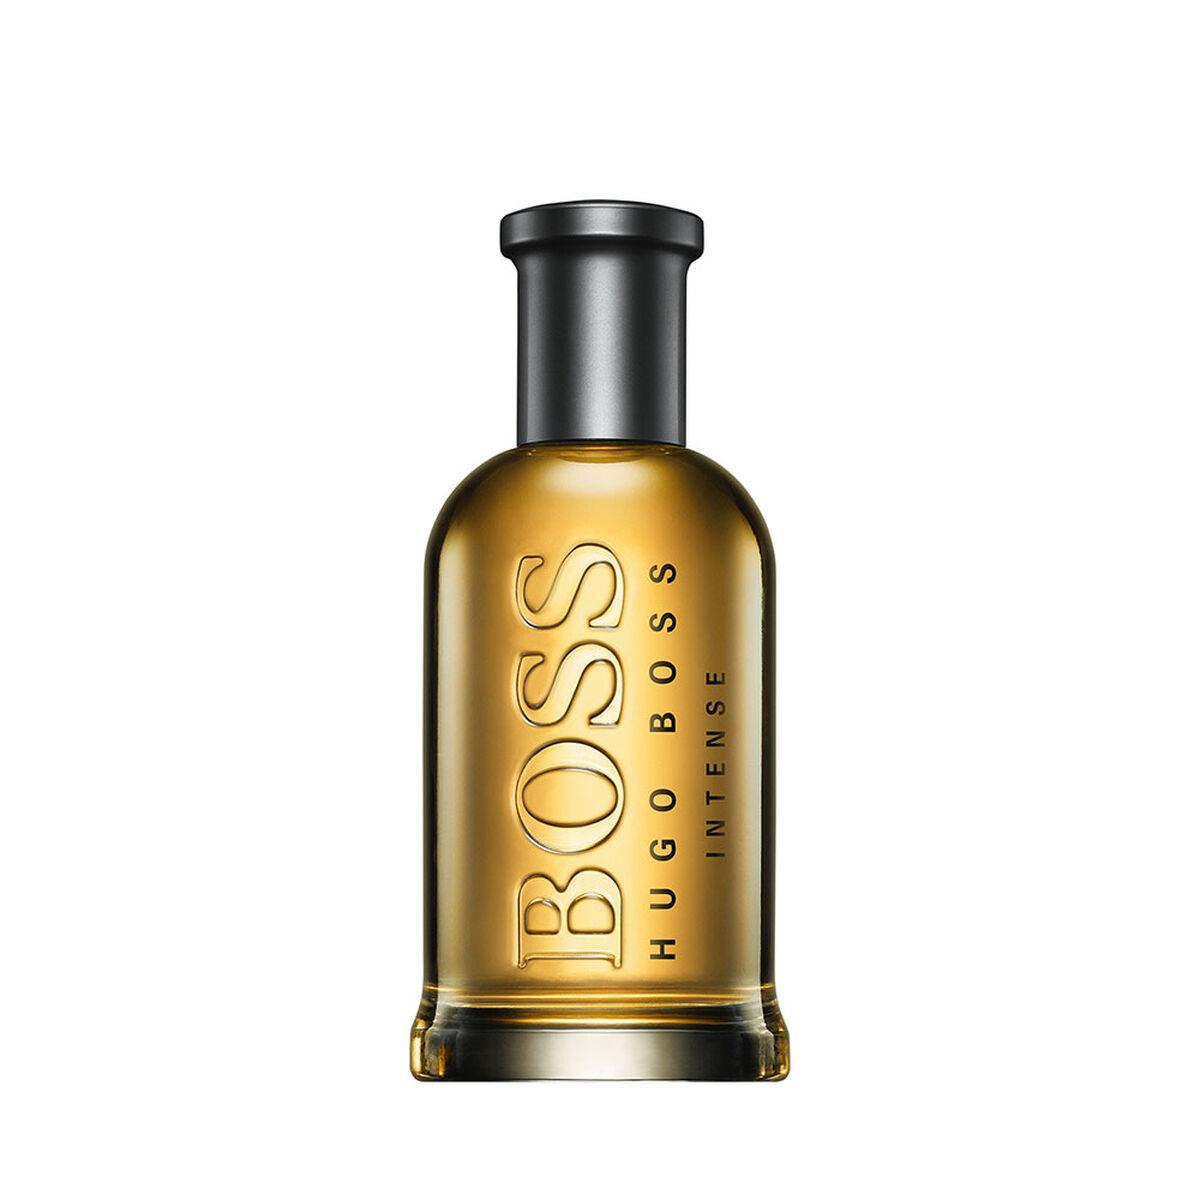 Boss Bottled Intense Edp 100 ml